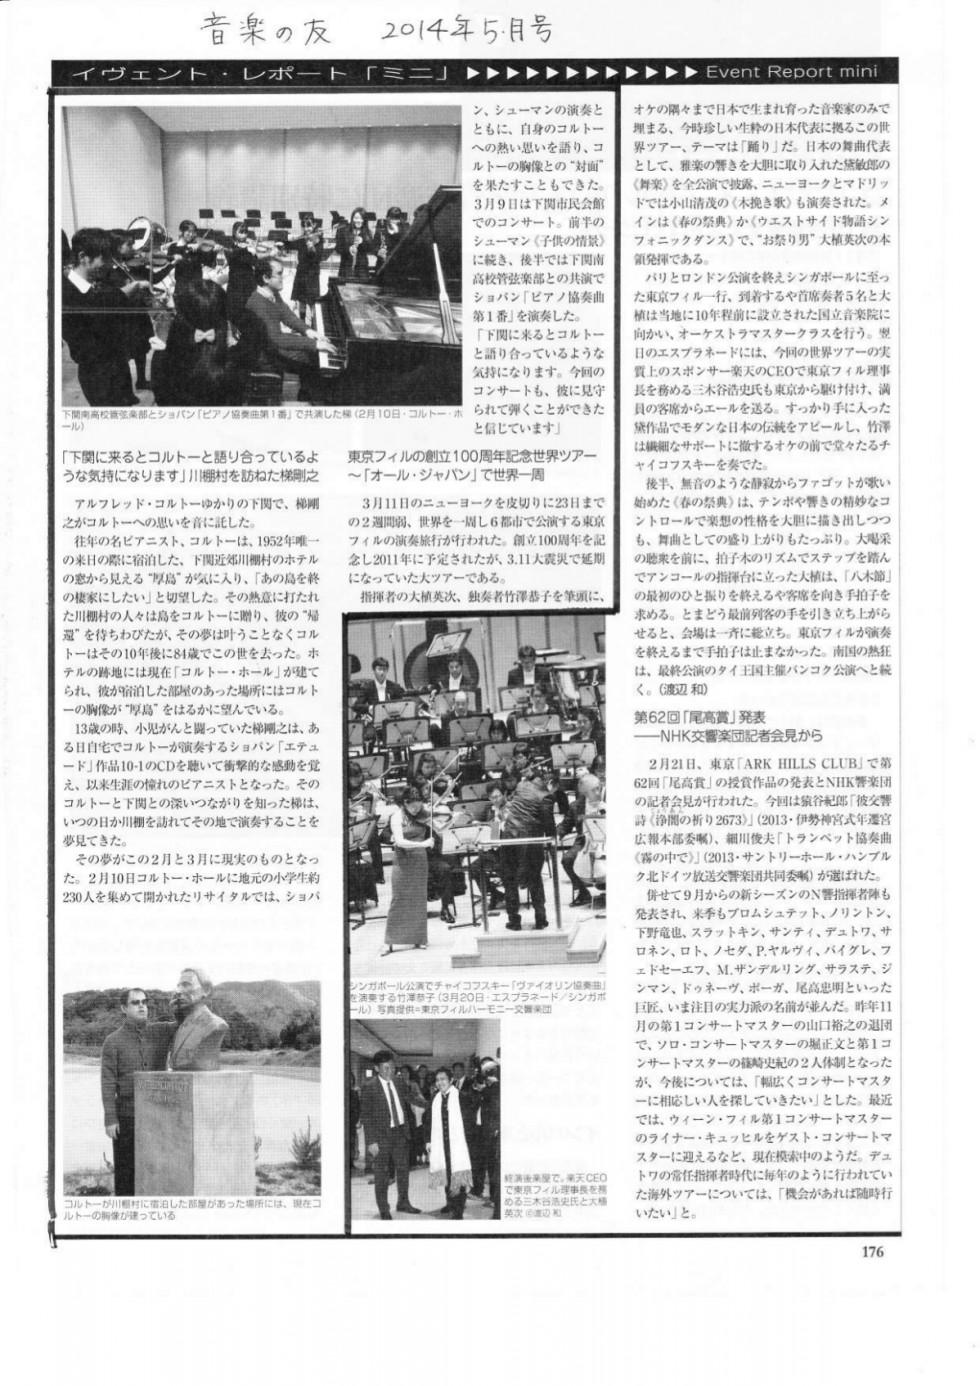 media_201405